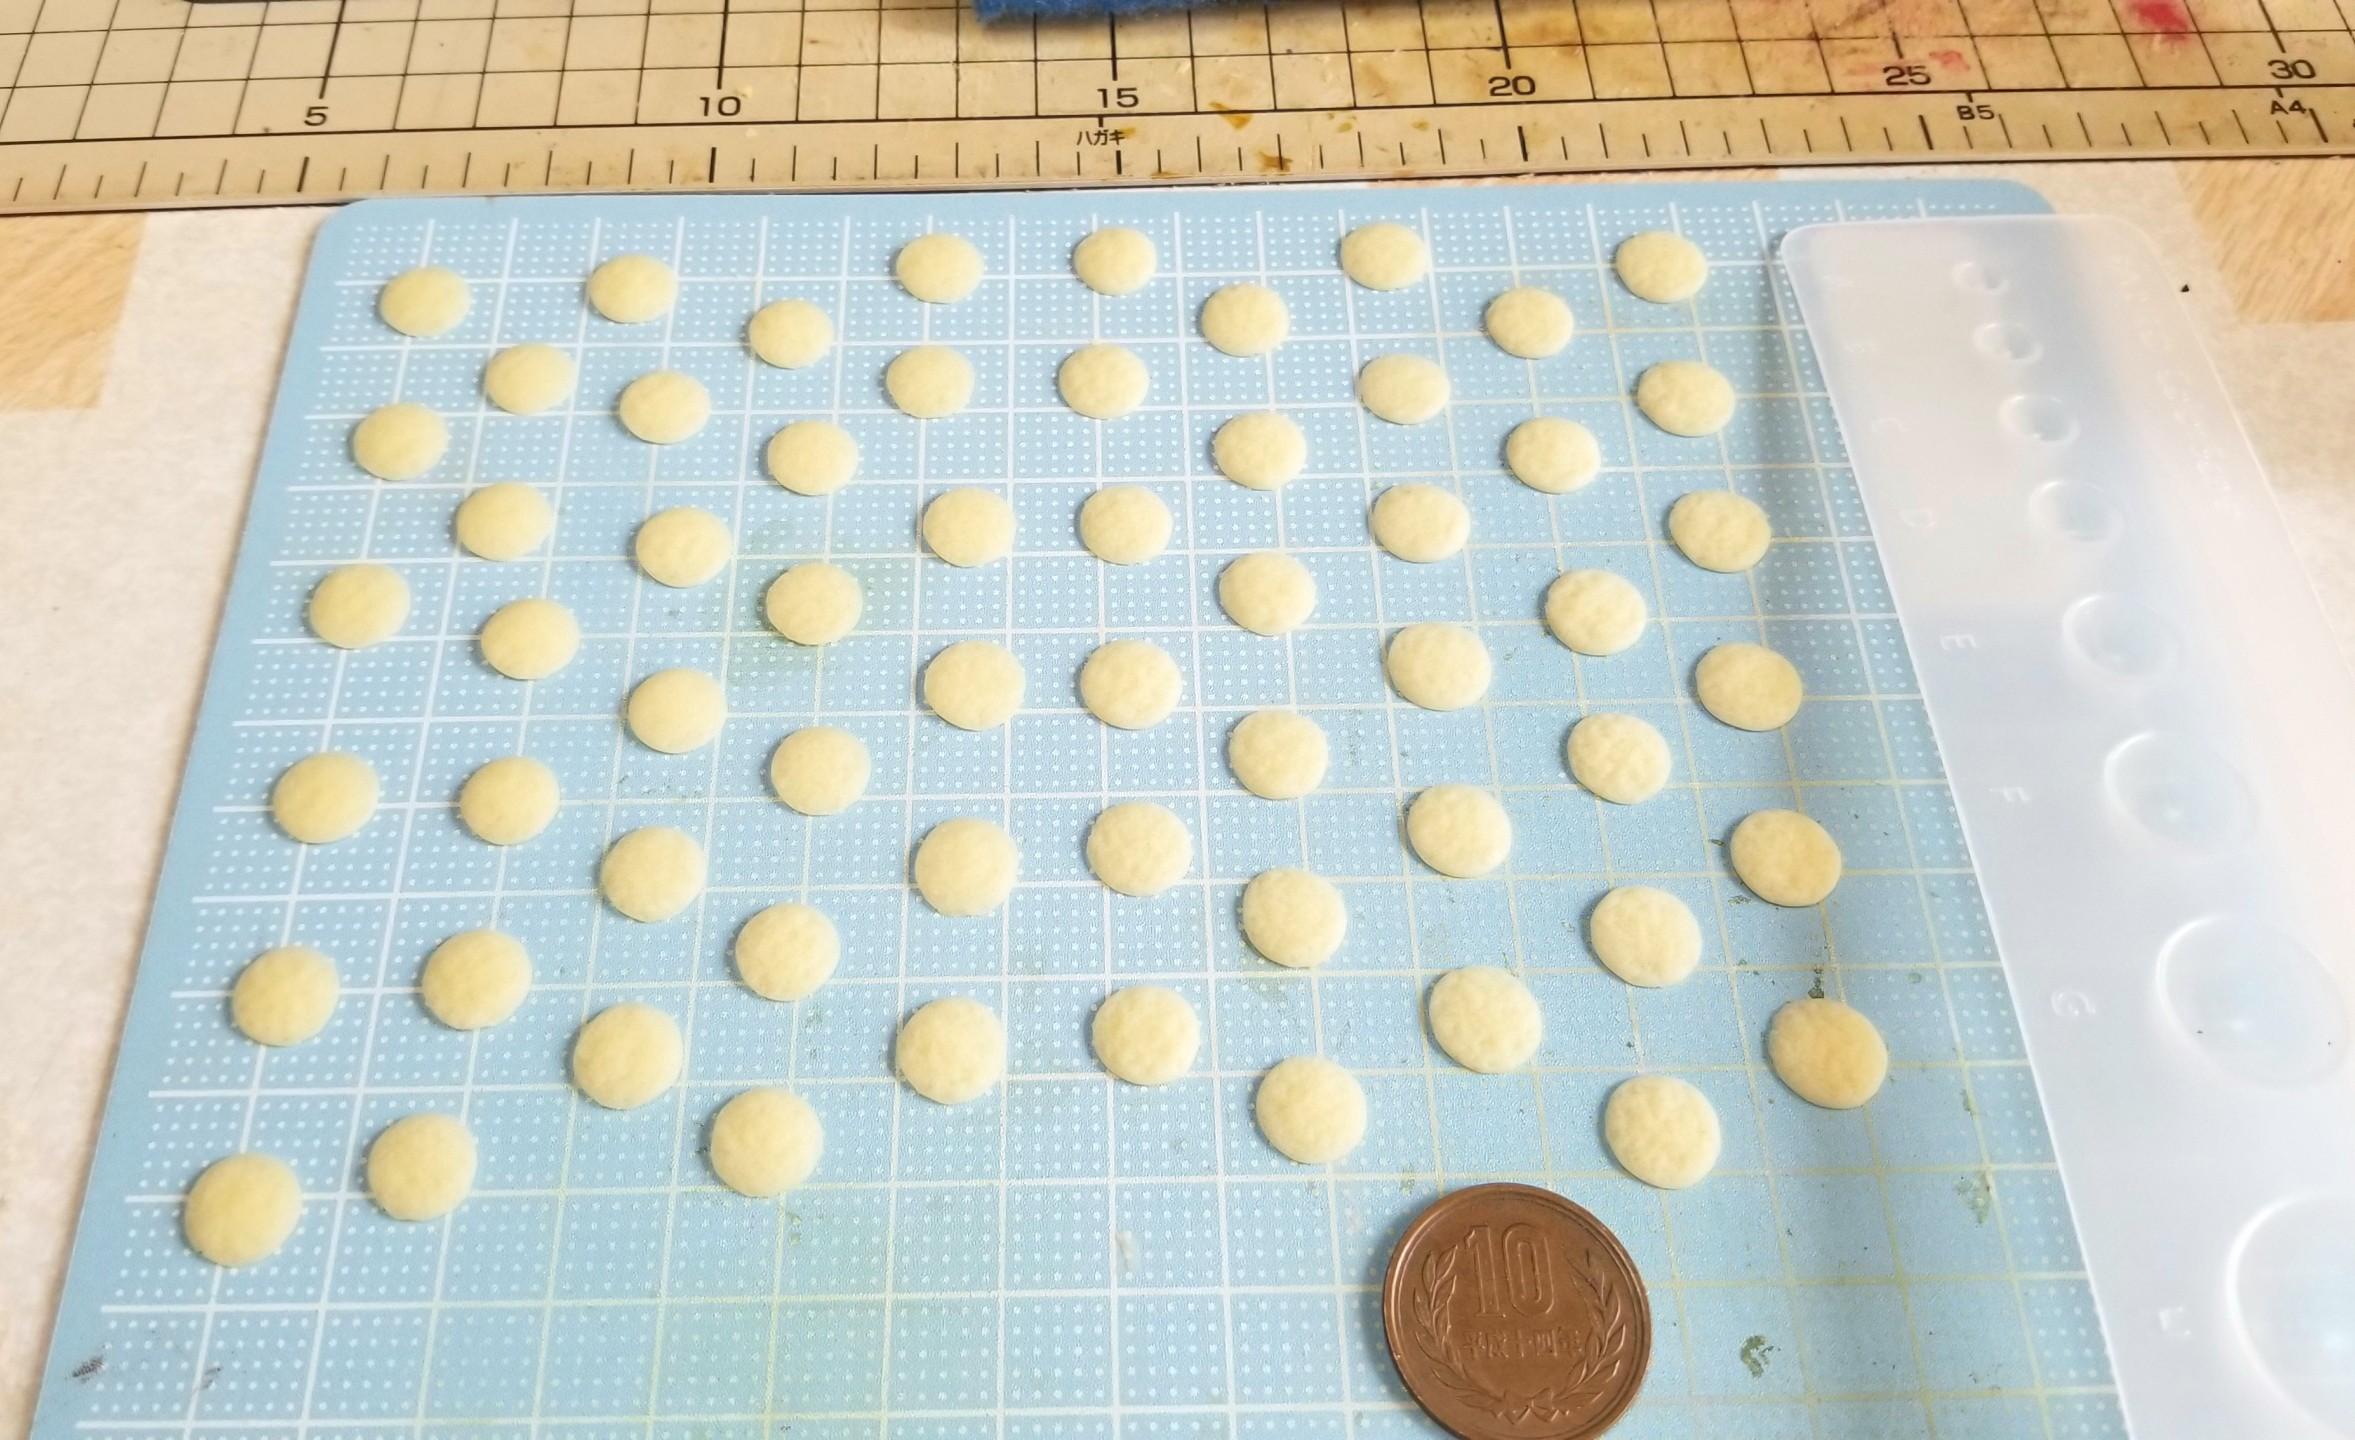 ミニチュアフード,クリームどら焼きの作り方,和菓子,樹脂粘土,手作り